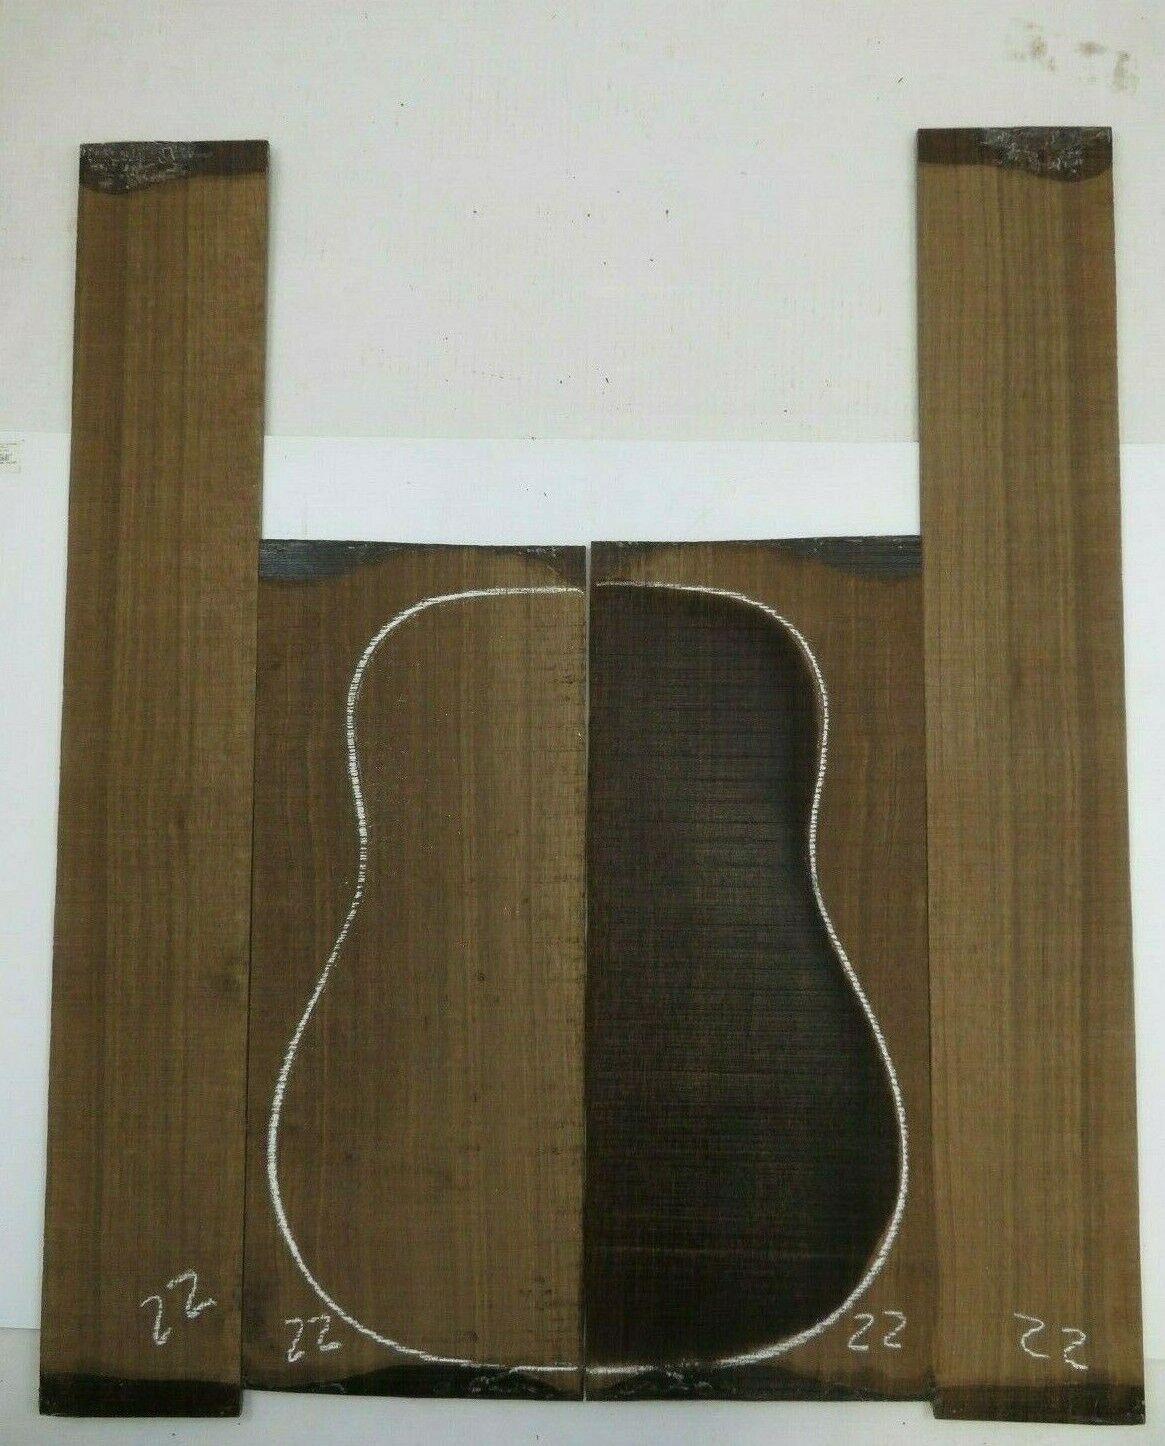 Gitarre Hinten Seite Dreadnought Laural Set AAAA22 Gitarrenbauer Tonewood Buch